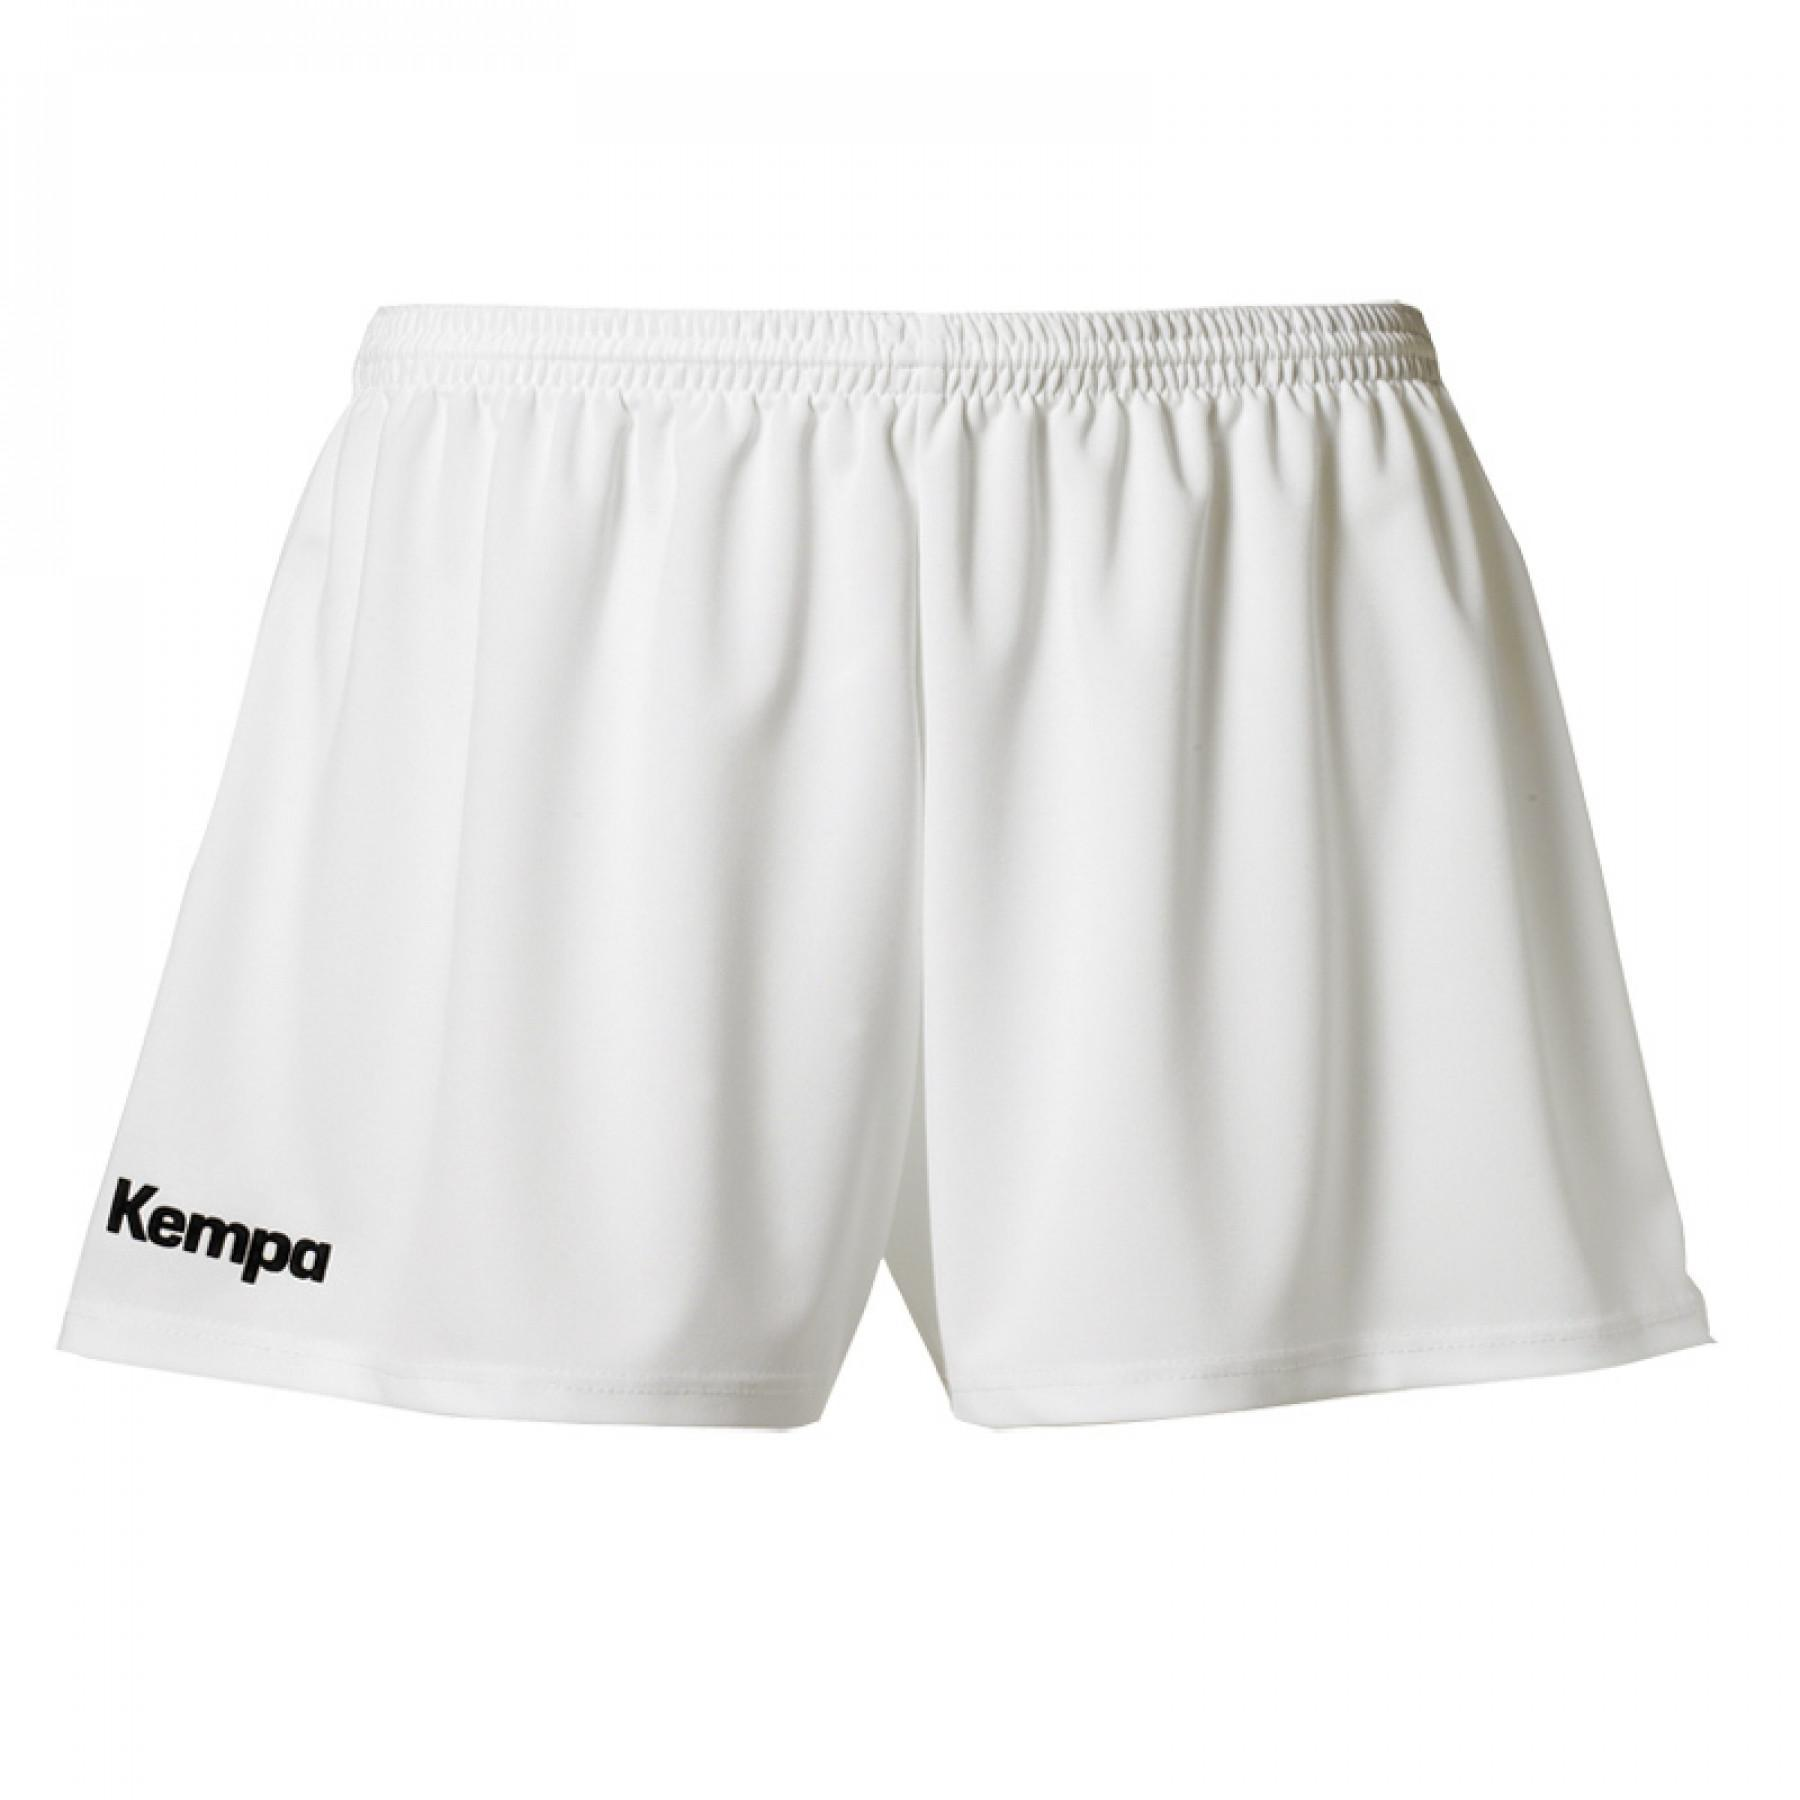 Short woman Kempa Classic